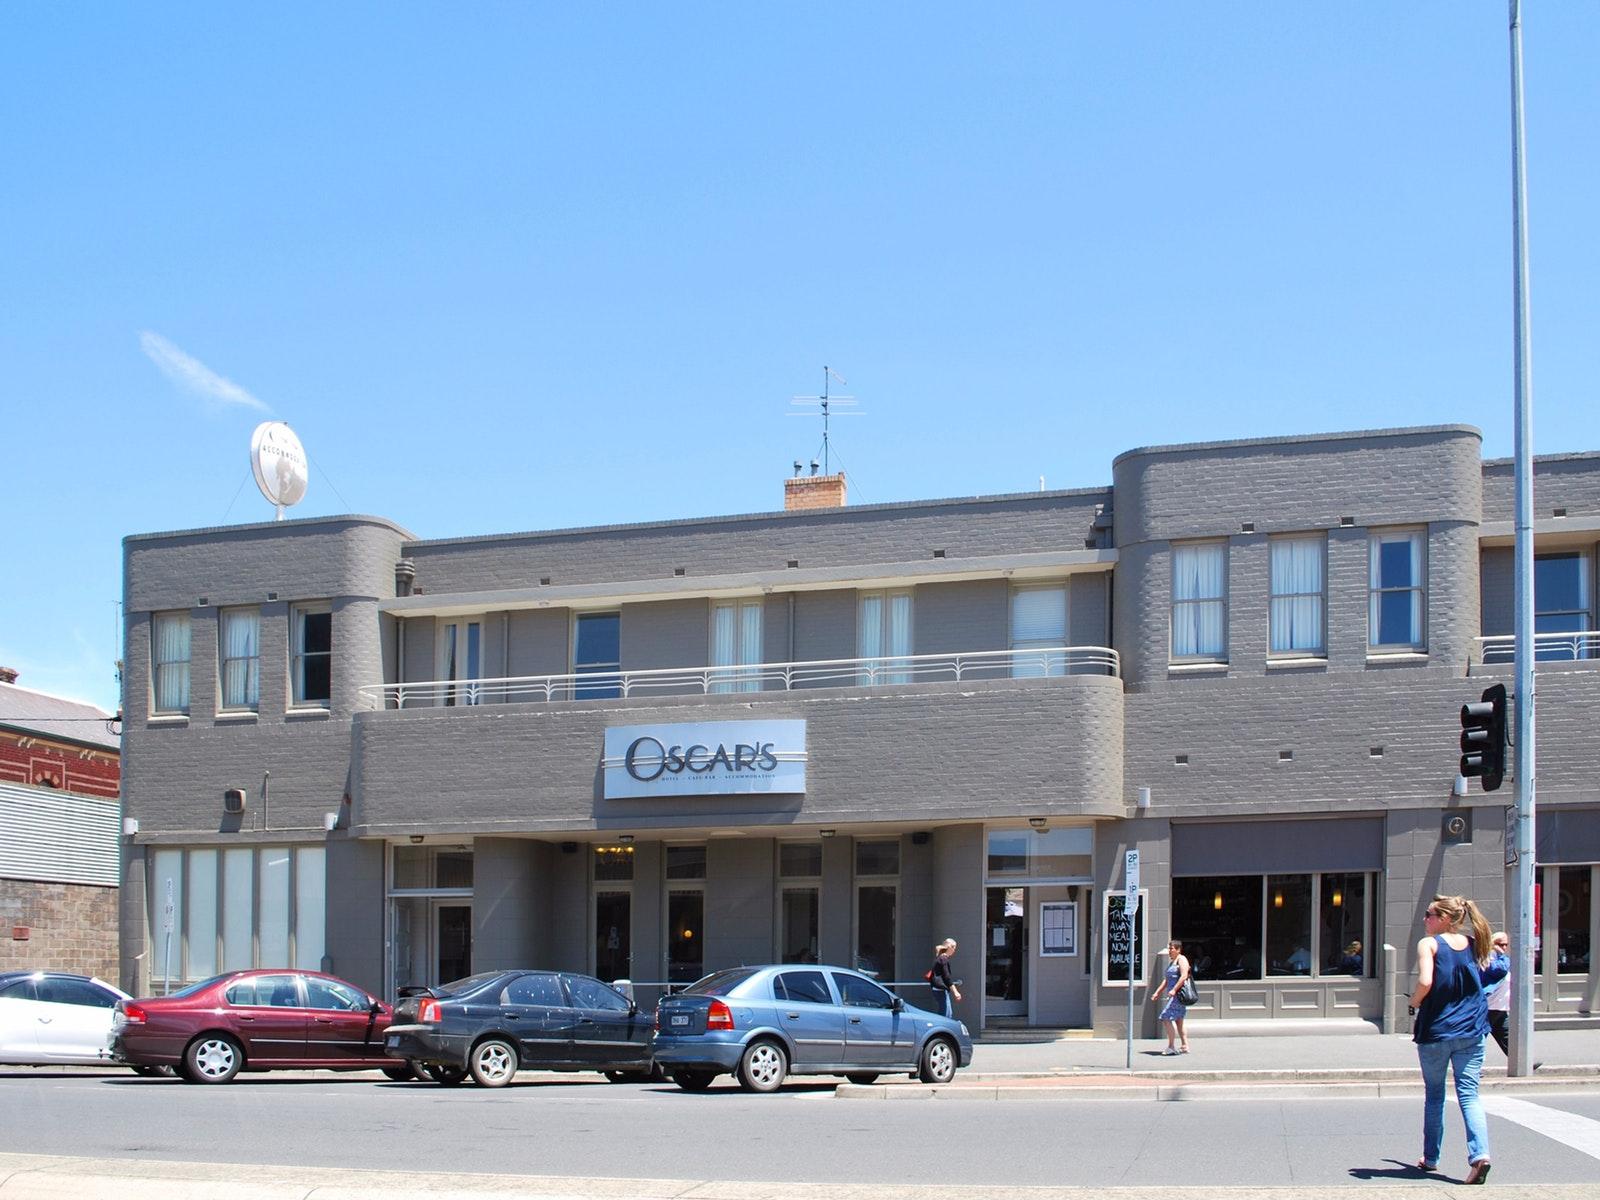 Oscars Hotel Cafe Bar